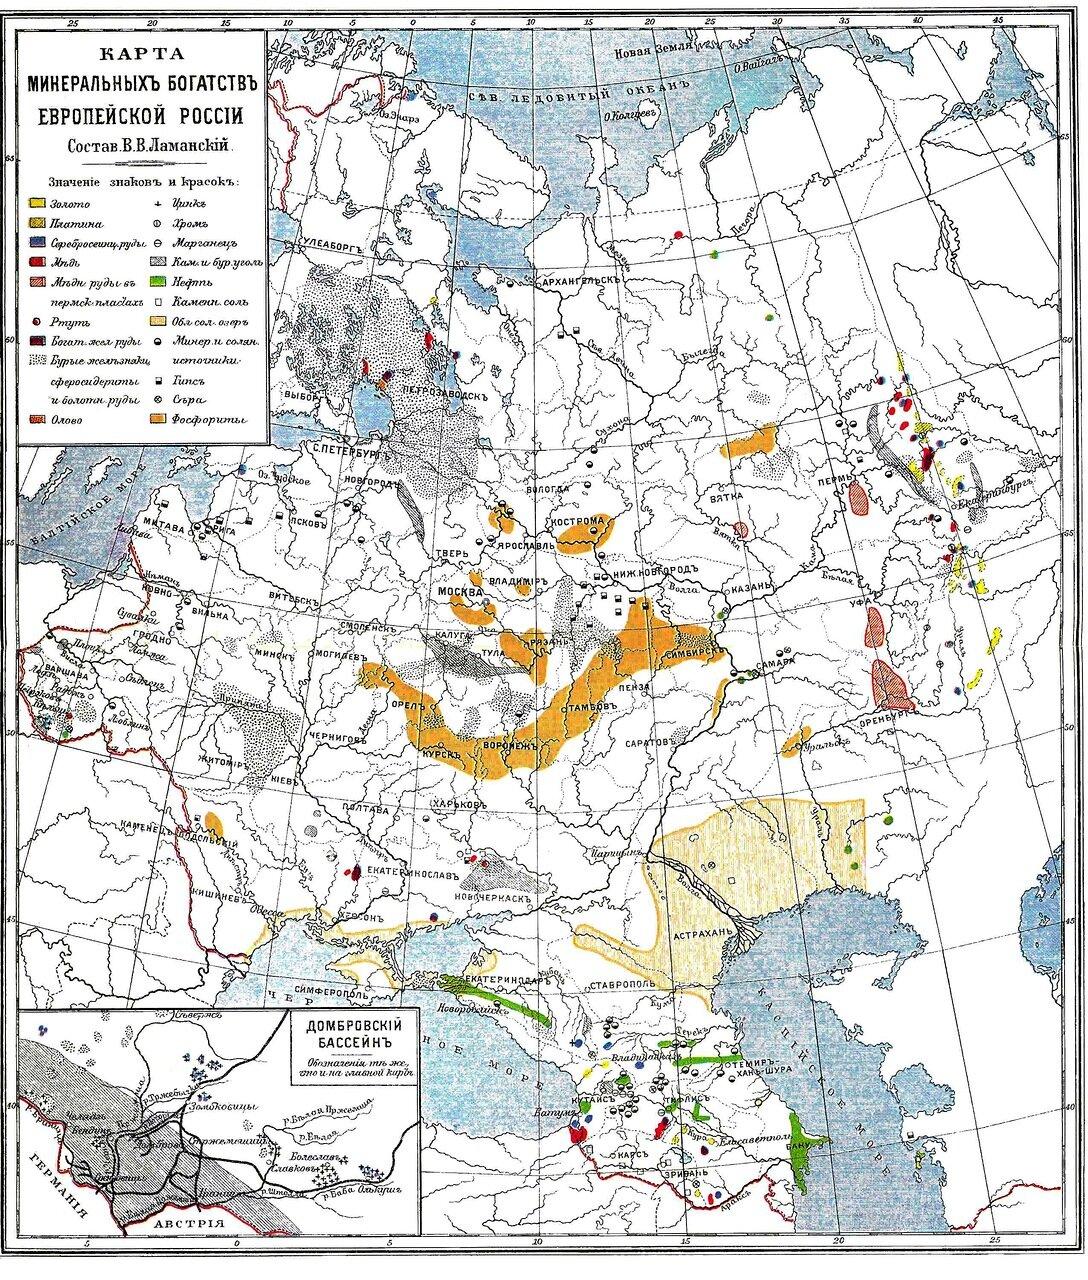 18. Карта минеральных богатств Европейской России